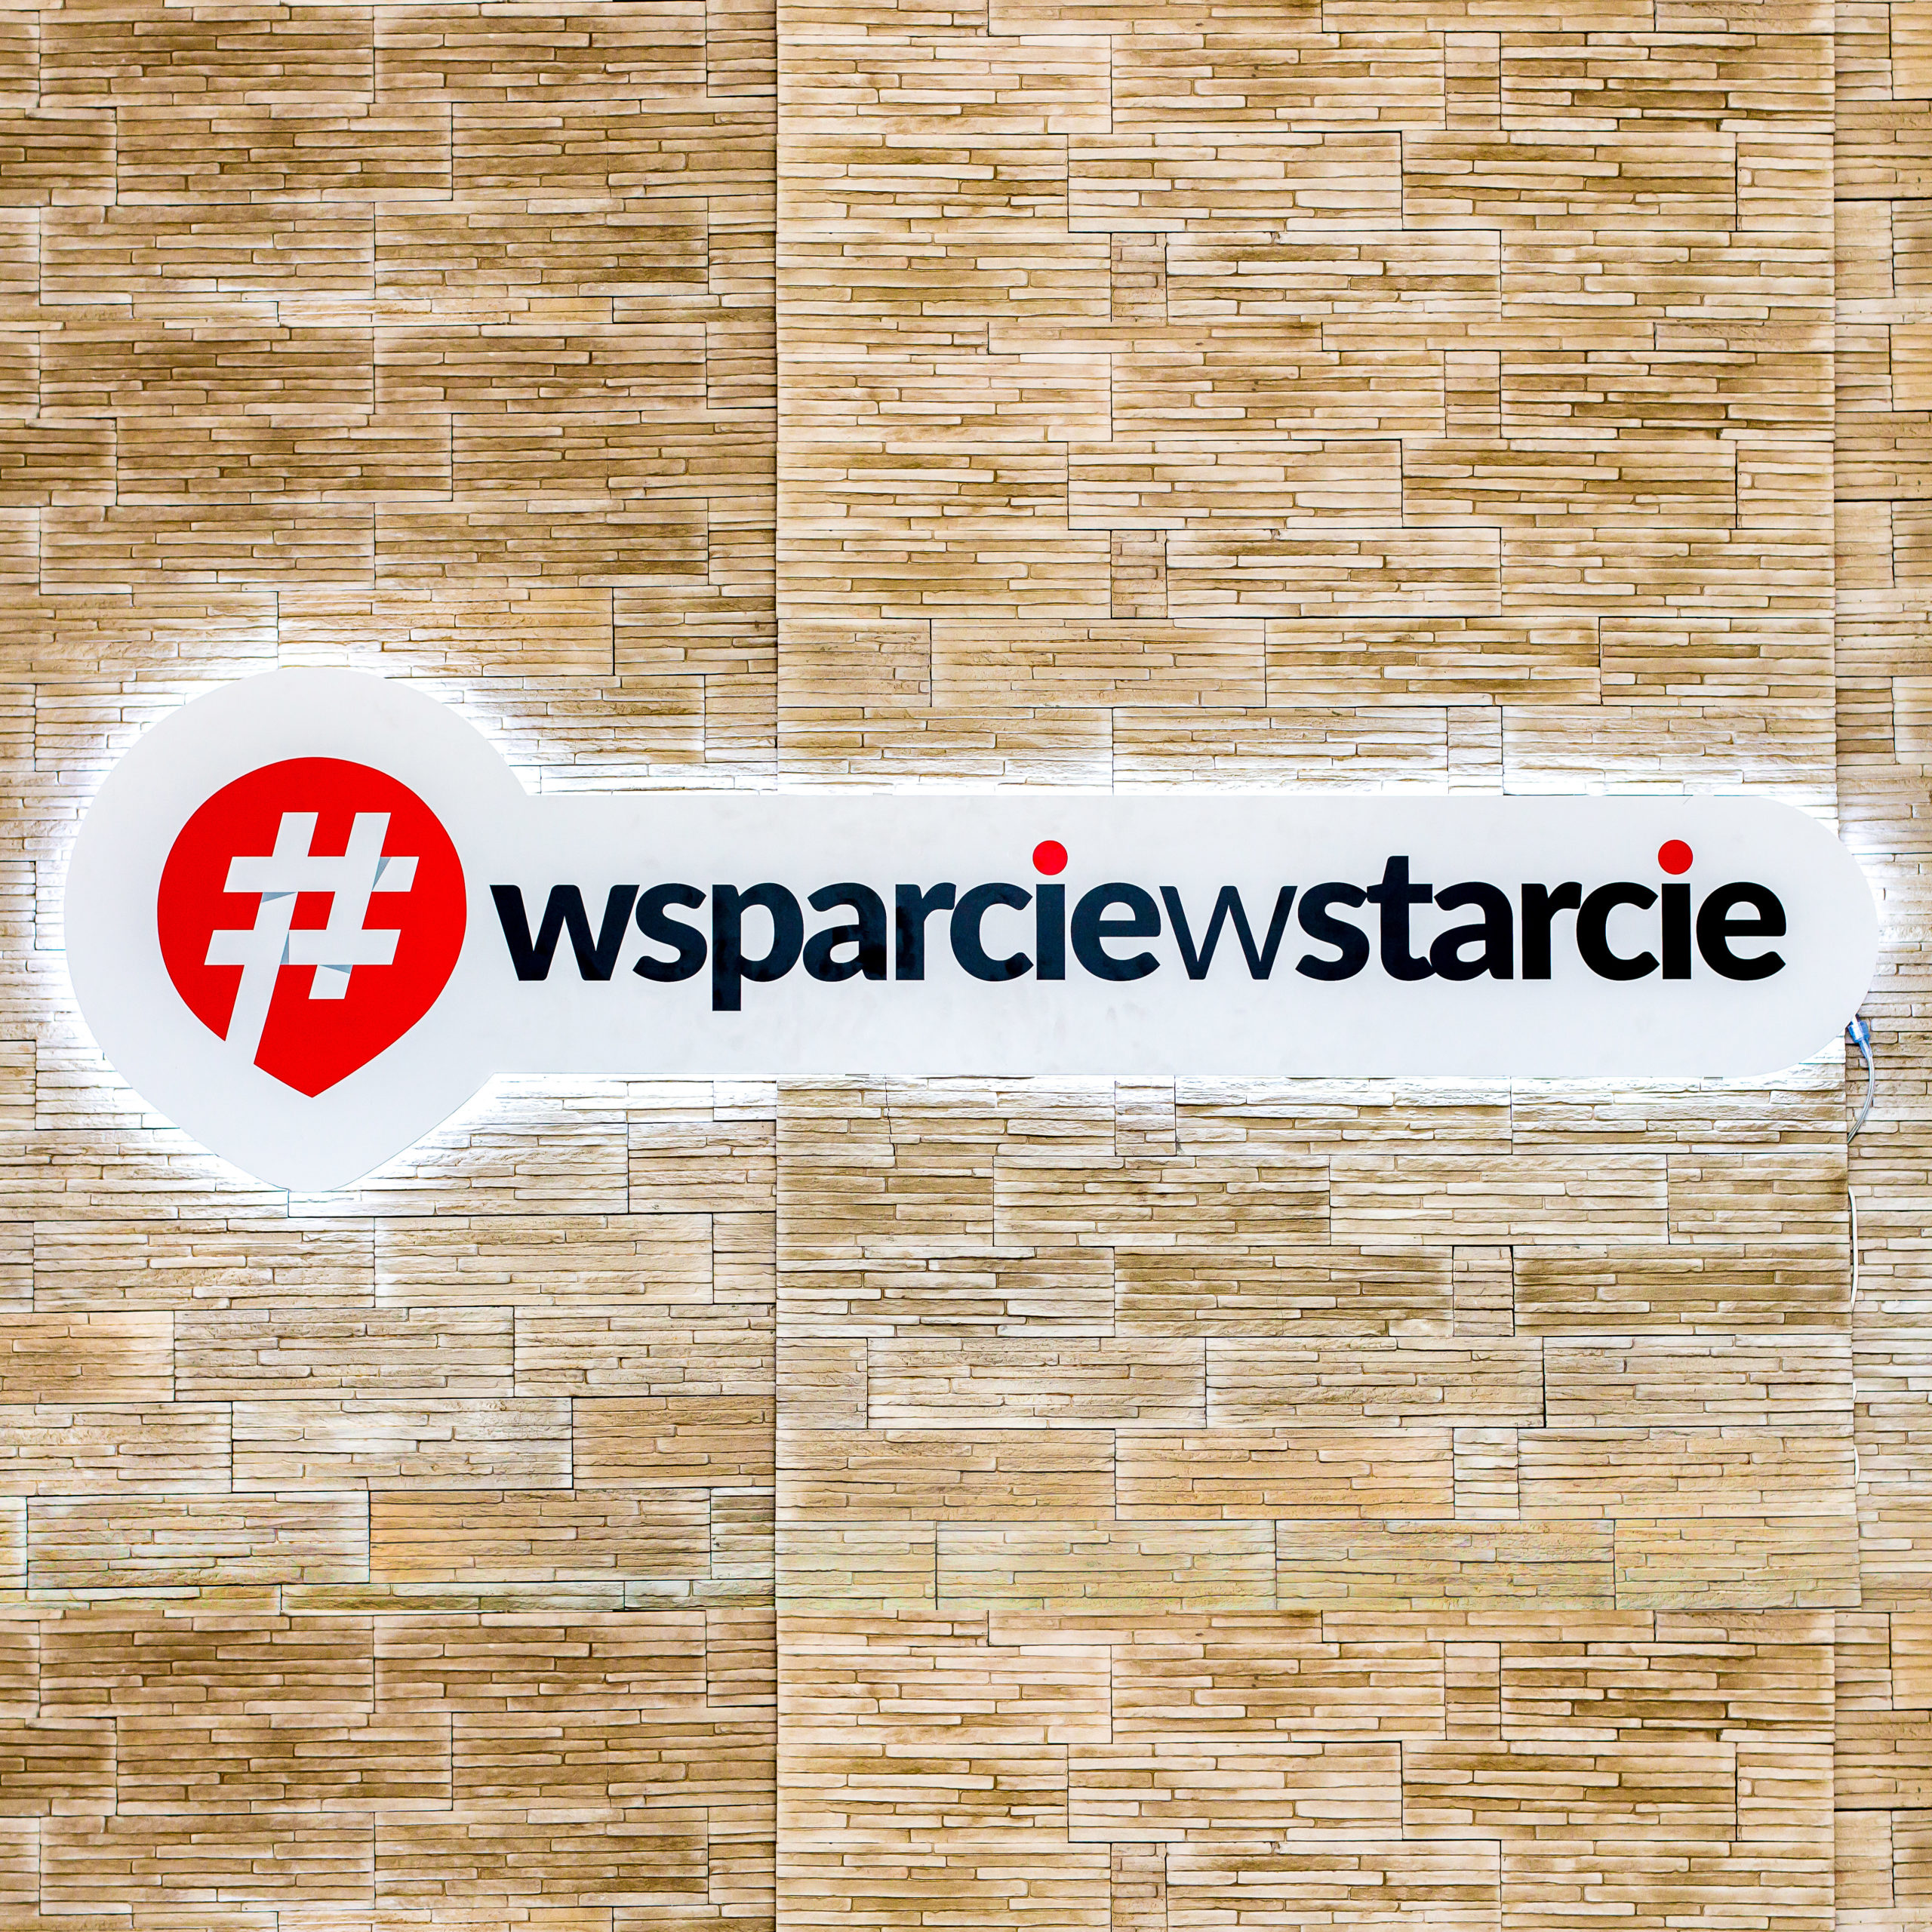 Wsparcie w starcie logo